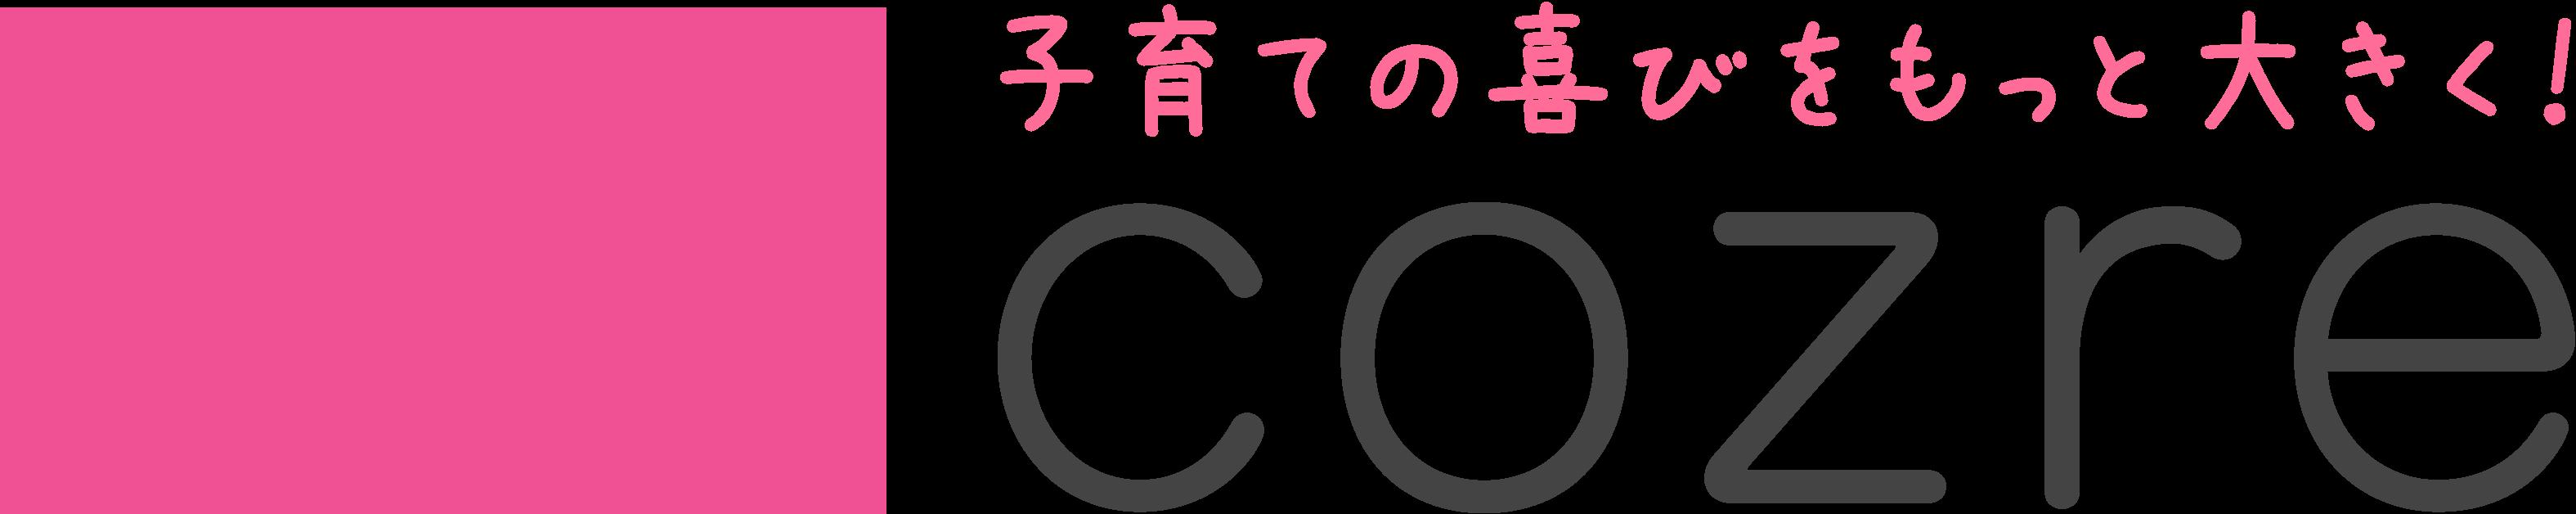 株式会社コズレ広告メニュー